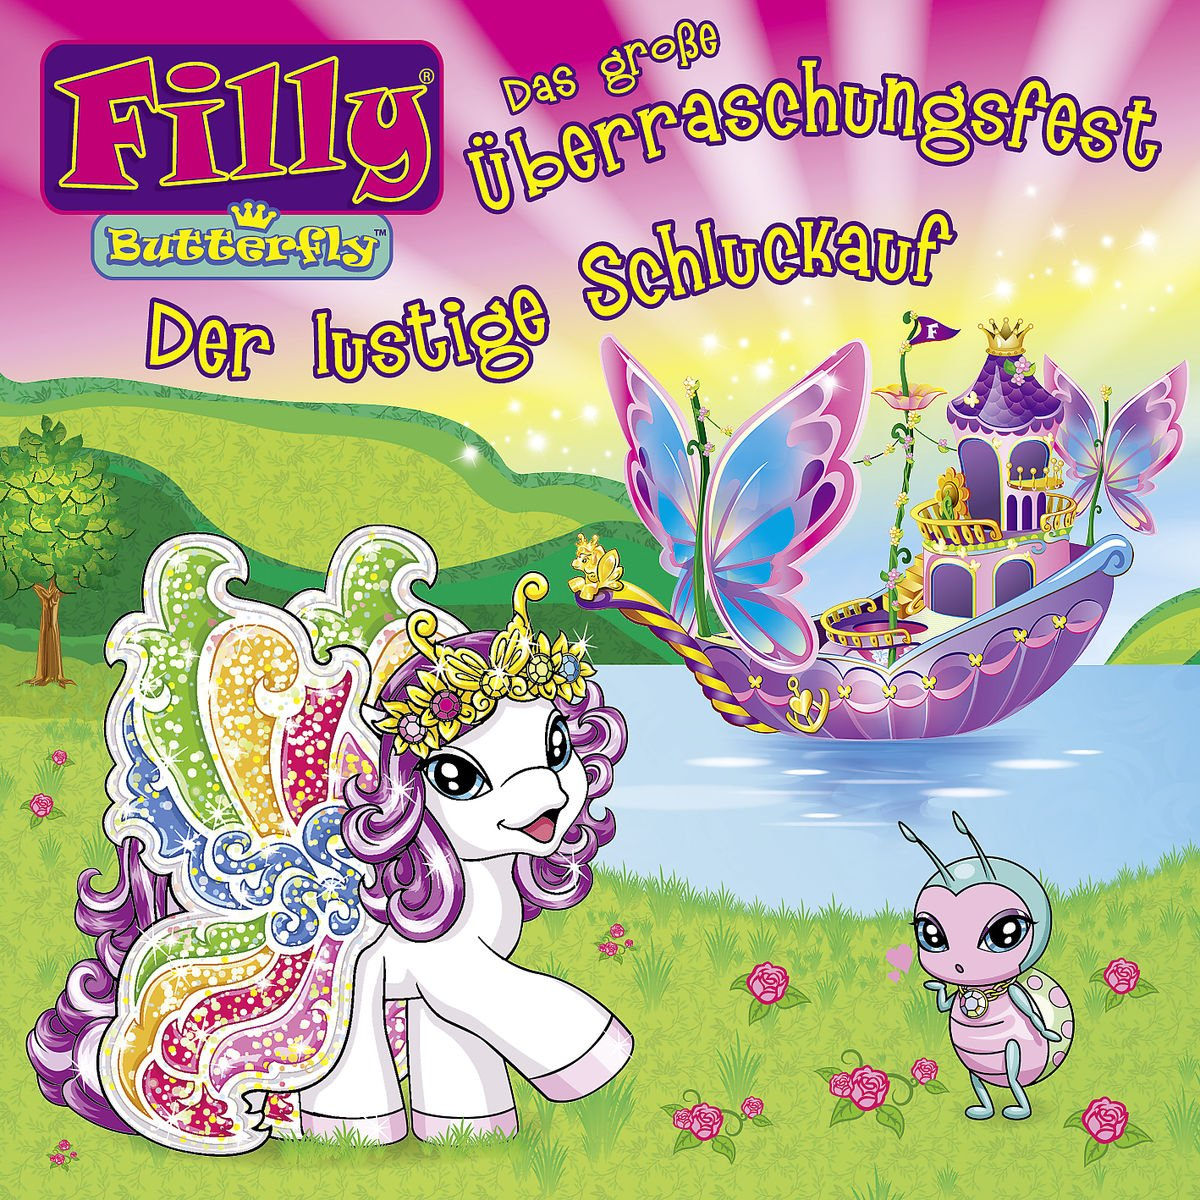 Filly (3) Das große Überraschungsfest / Der lustige Schluckauf (Dracco)